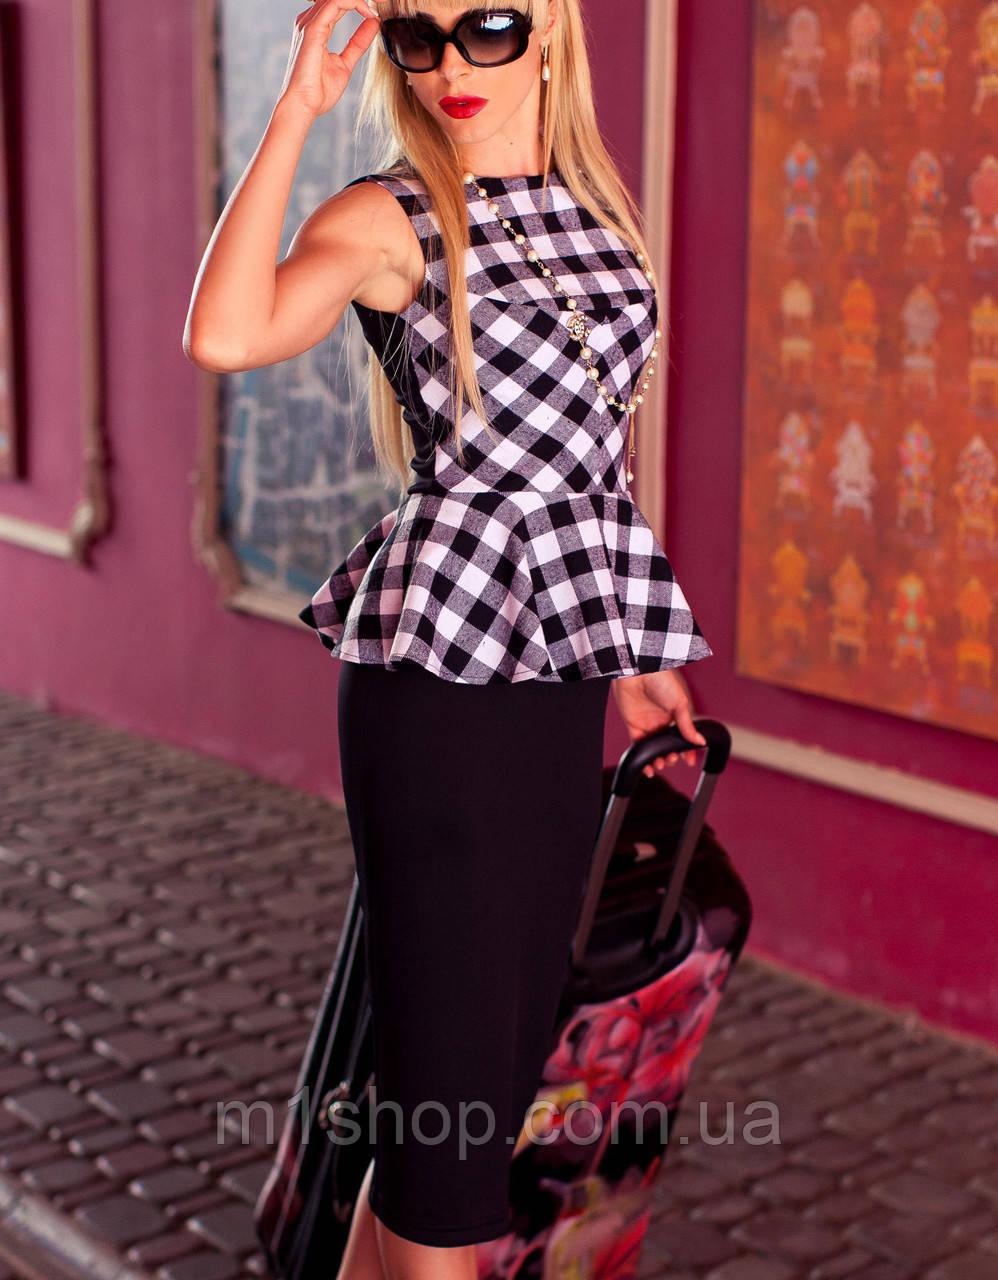 Платье с баской   Chalin jd